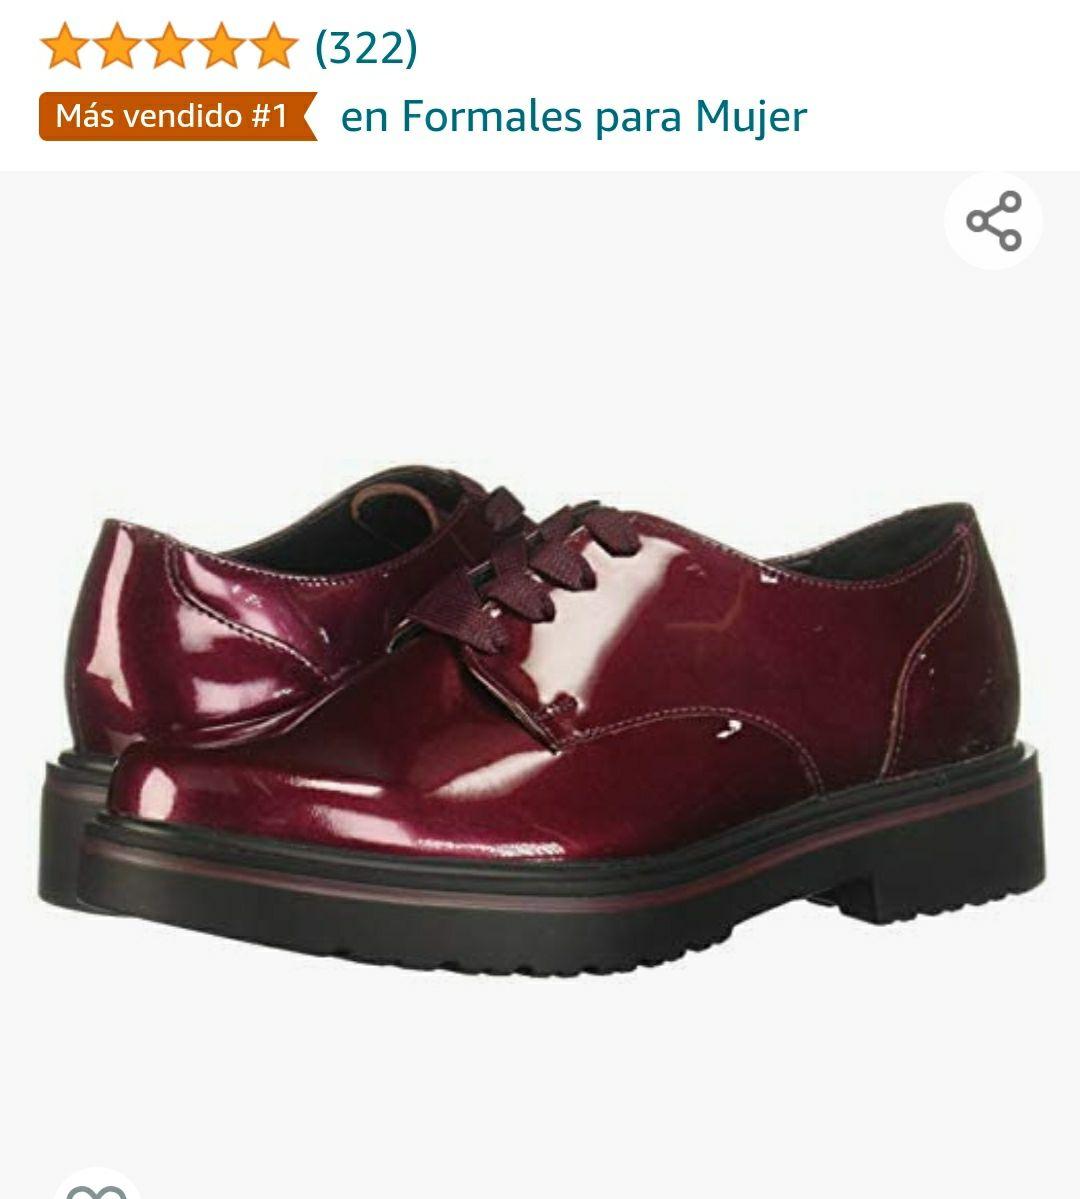 Amazon: Flexi GEA 32901 Zapatos de cordones oxford para Mujer